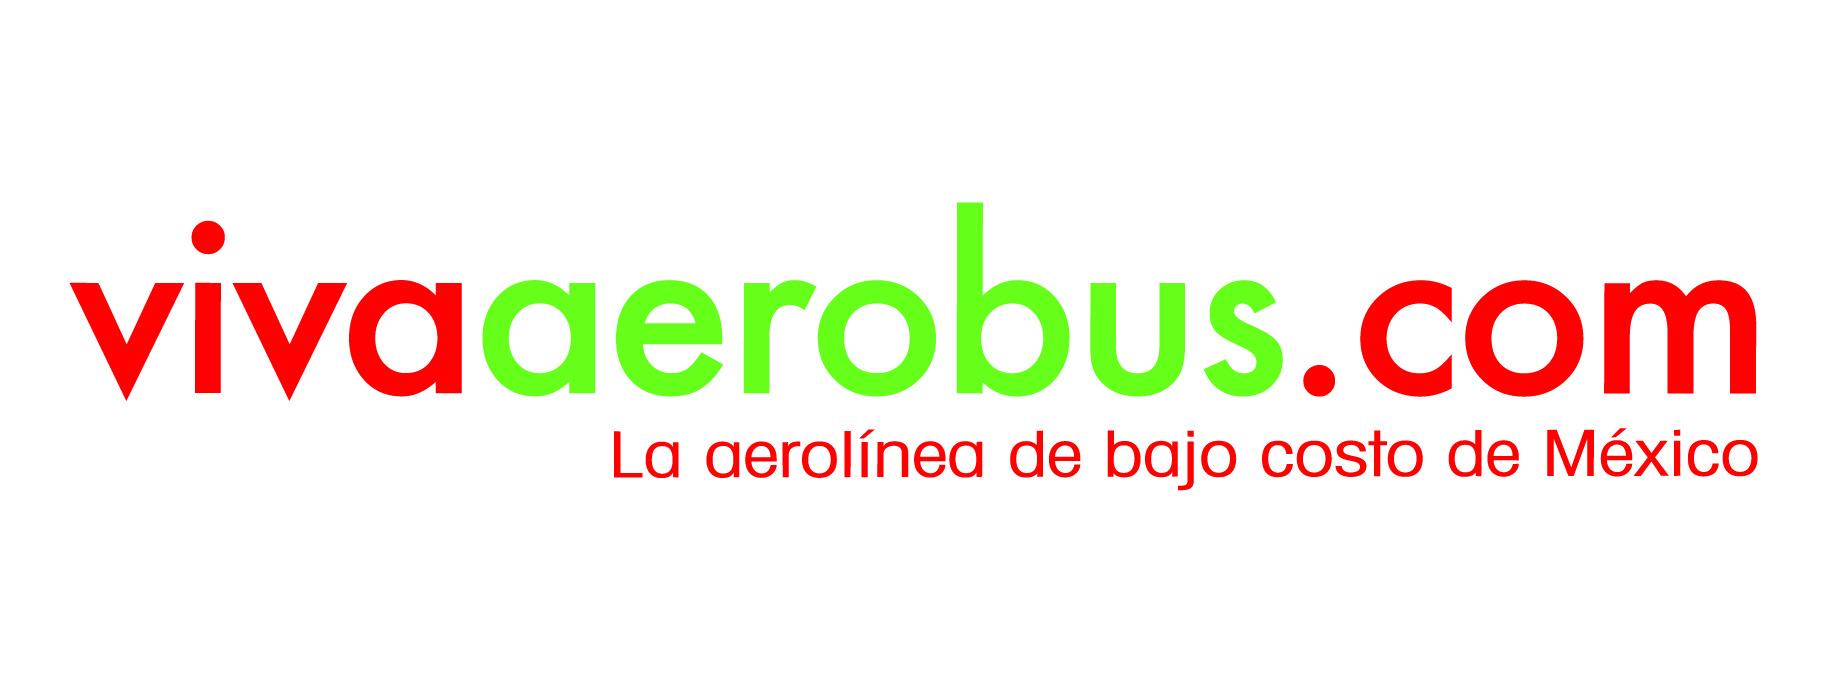 promociones vivaaerobus 50 diciembre 2016